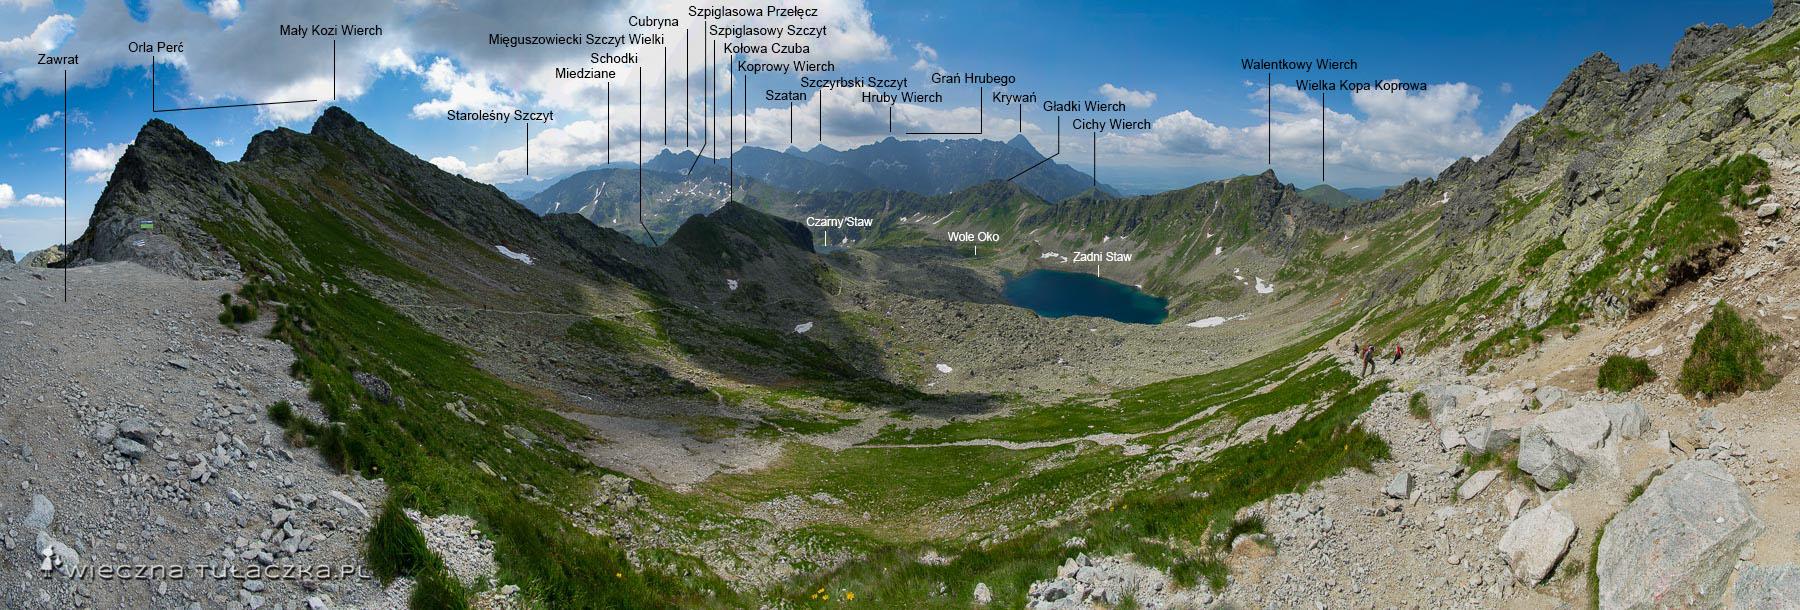 Panorama z Zawratu z opisem